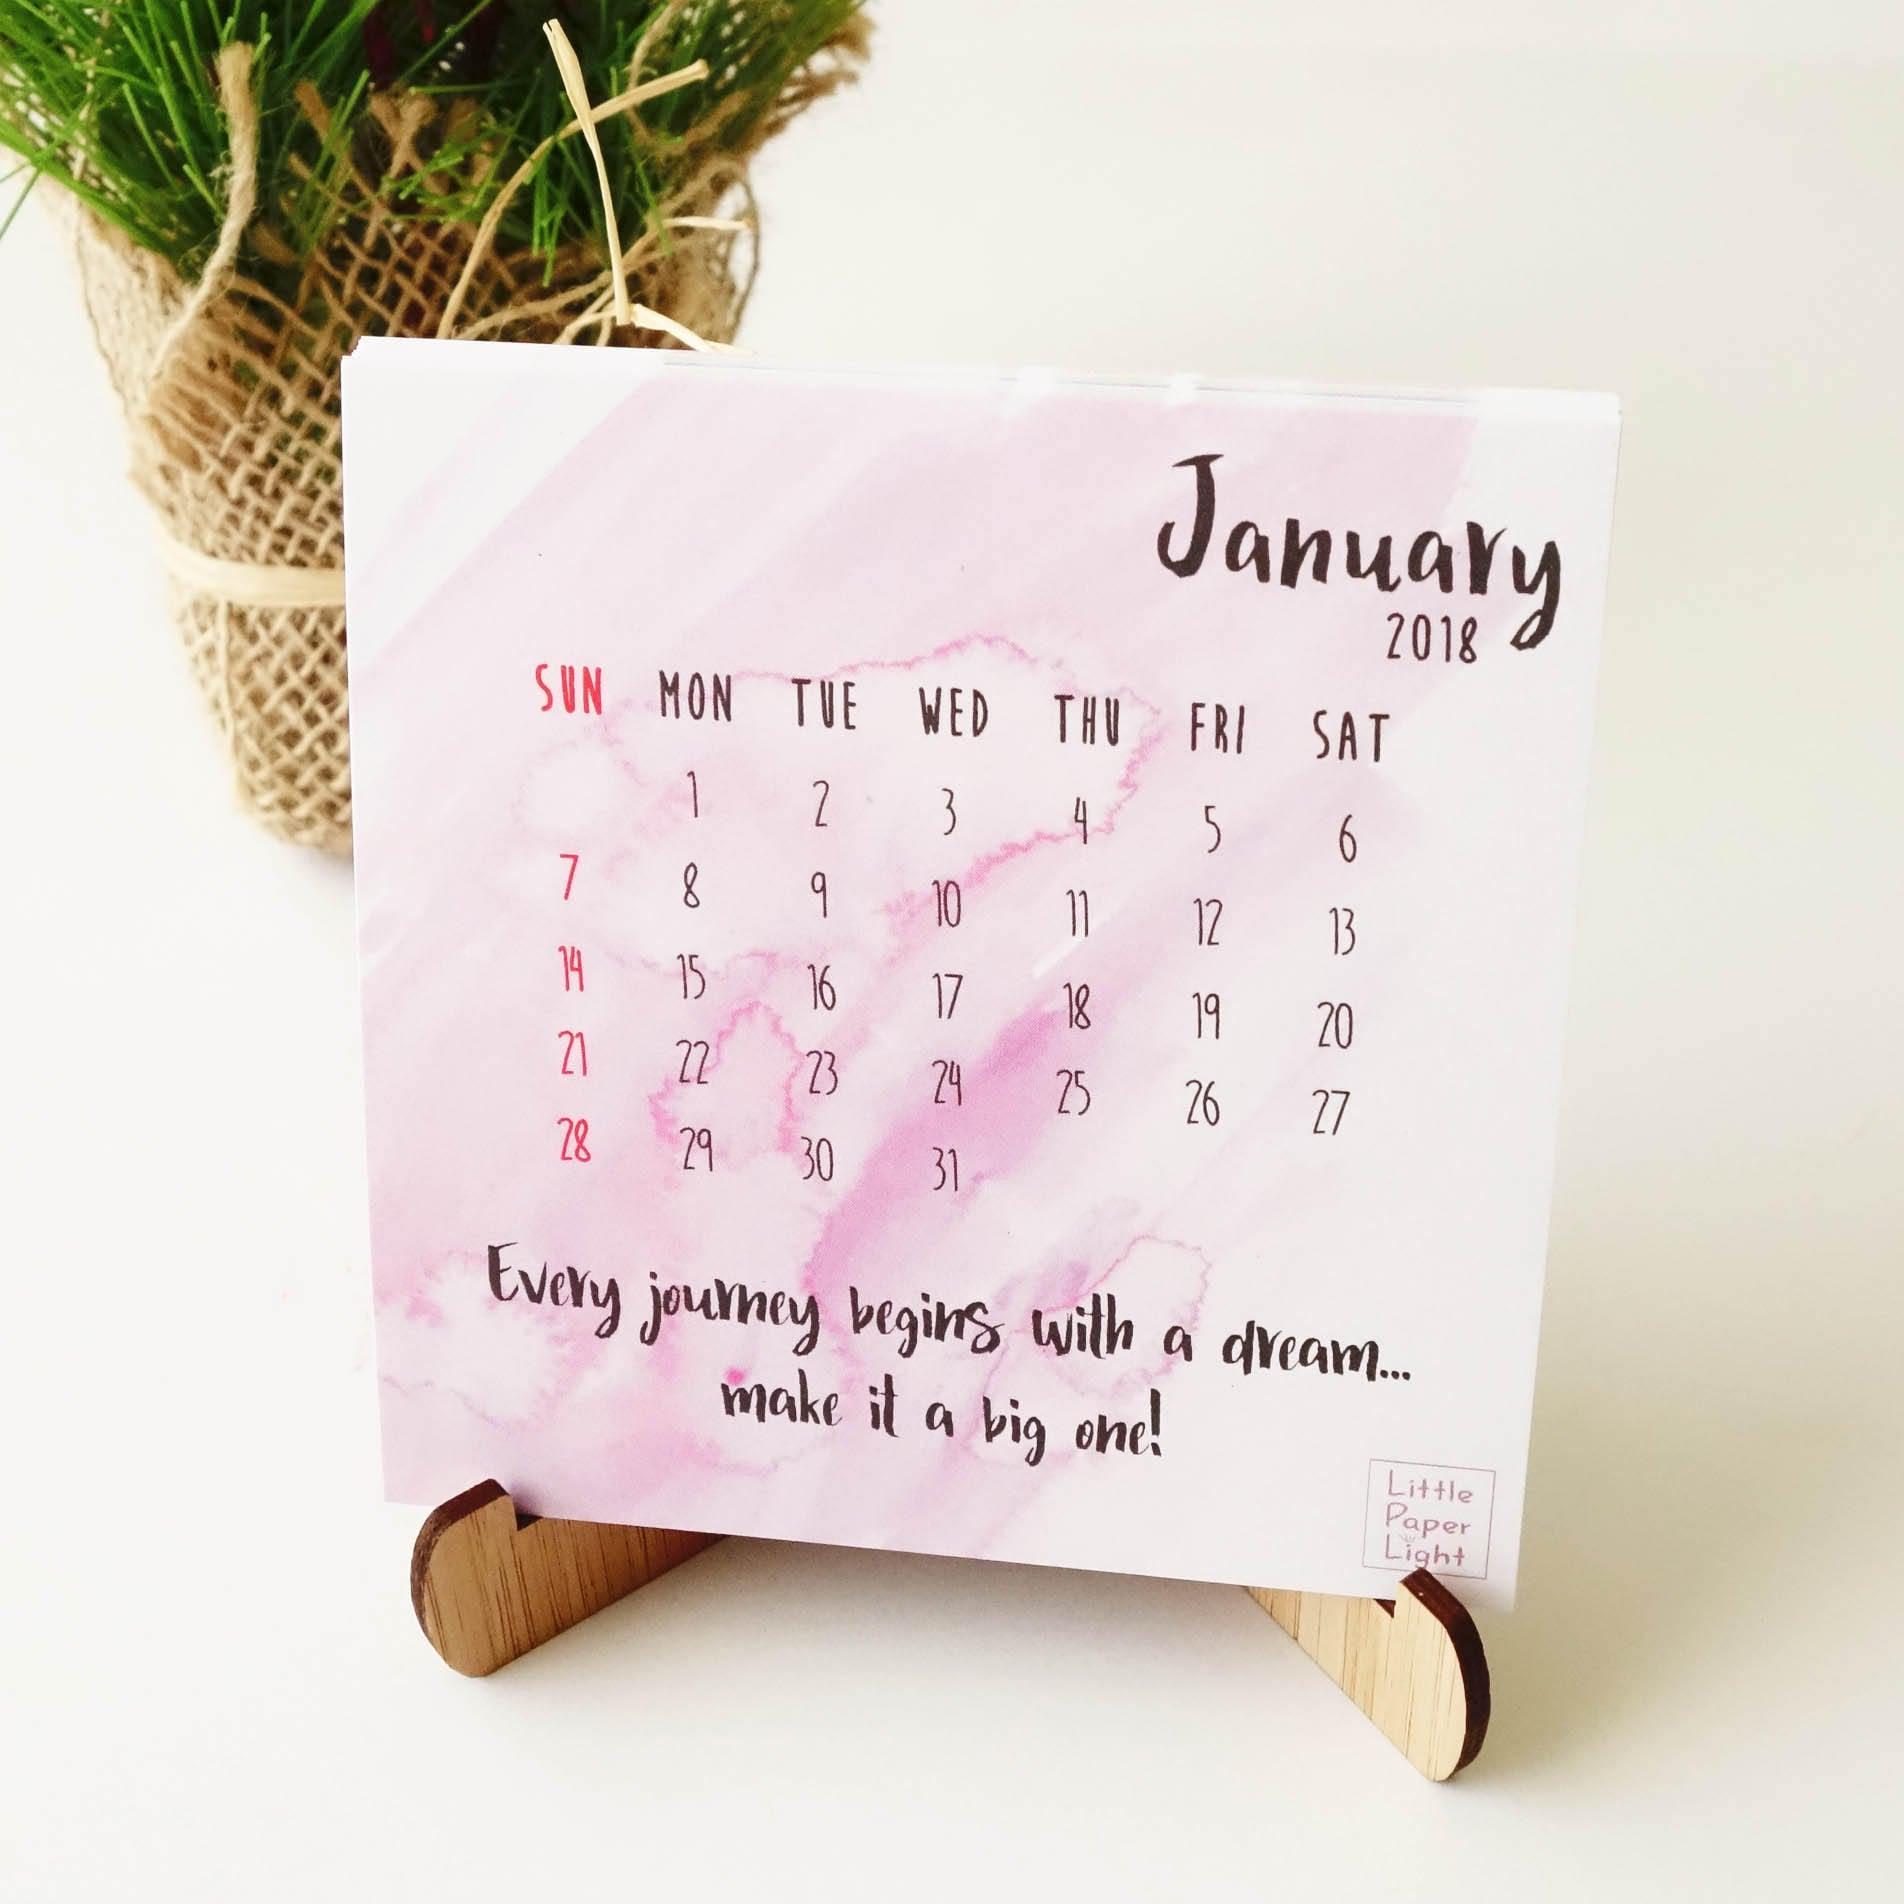 Inspirational Quotes Desk Calendar 2018 : Desk calendar inspirational quotes optional display